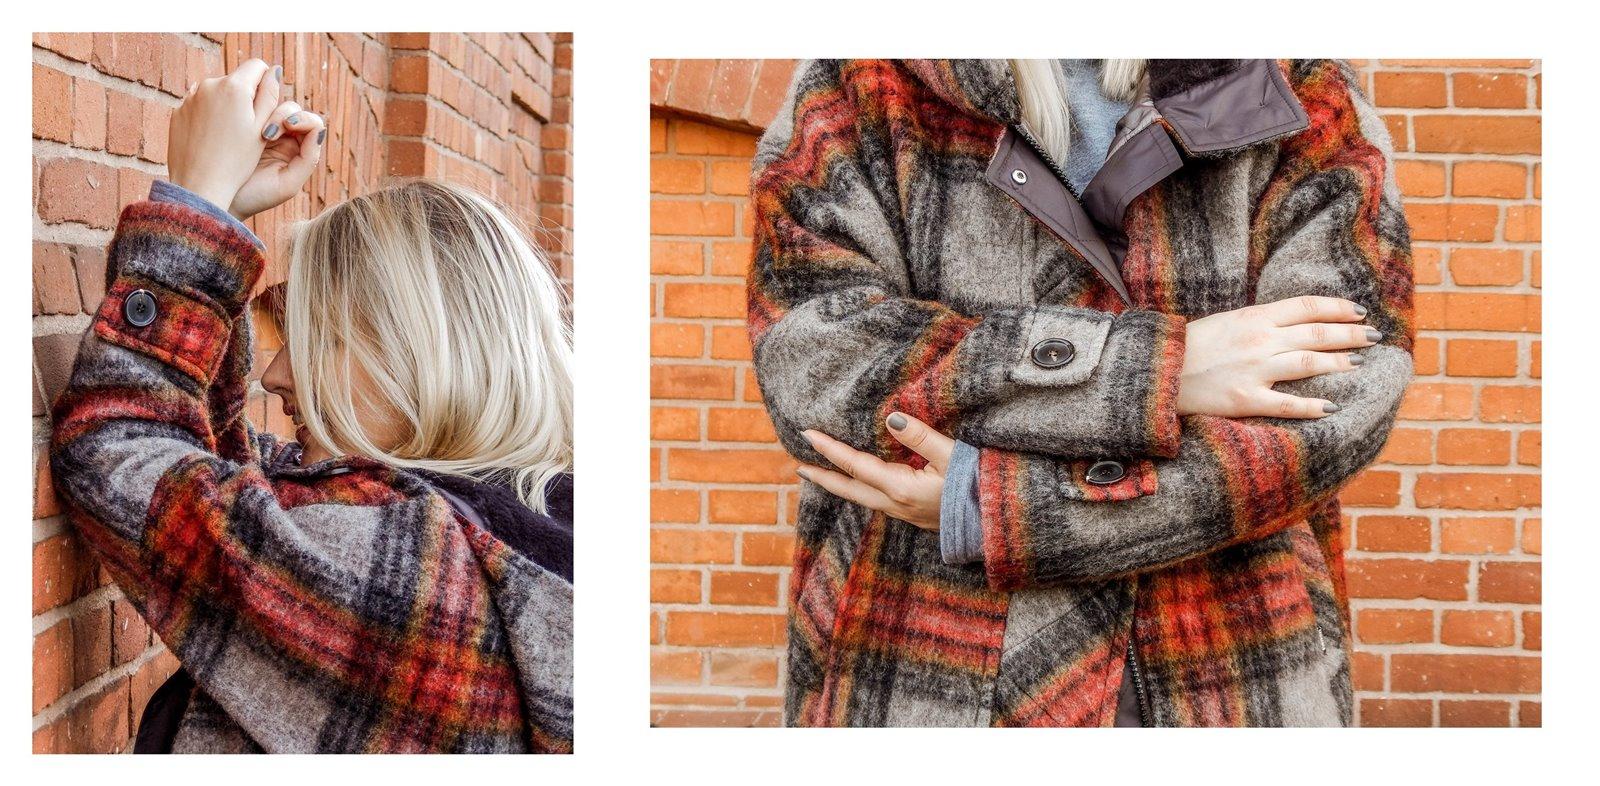 9a płaszcz - ubranie, moda polska, hot moda, moda damska jesień 2018, moda for you, net moda, blog, blogerki fashion łódź anataka kurtka w kratkę ciepła kurtka stylizacje w co się ubrać eleganckie kurtki blondynka